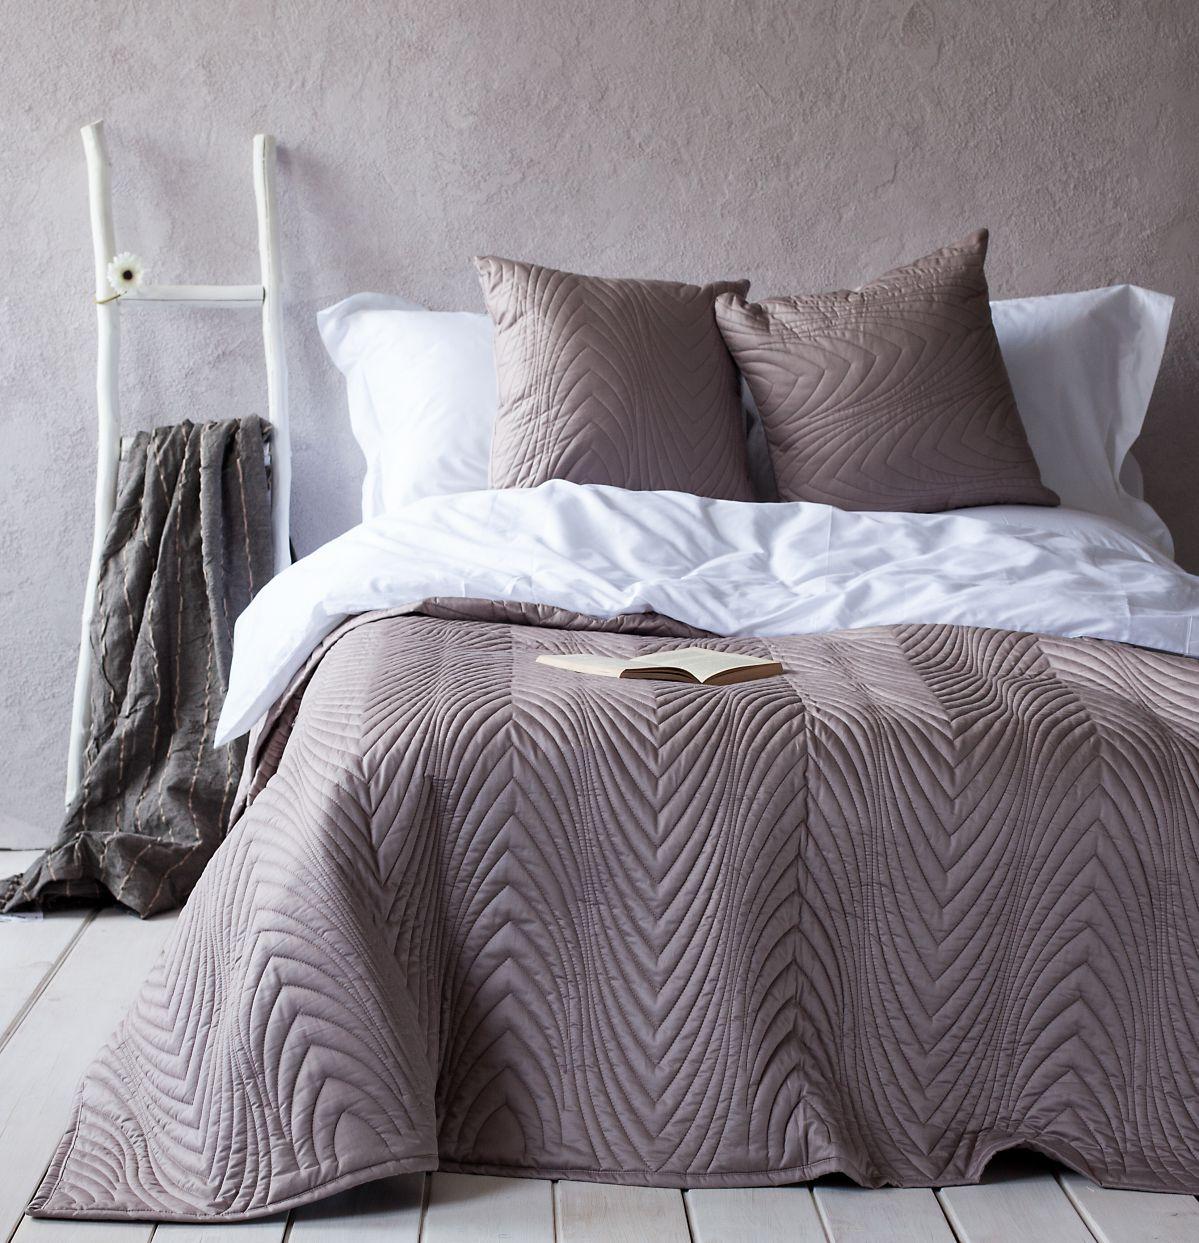 Коричневое покрывало для спальни